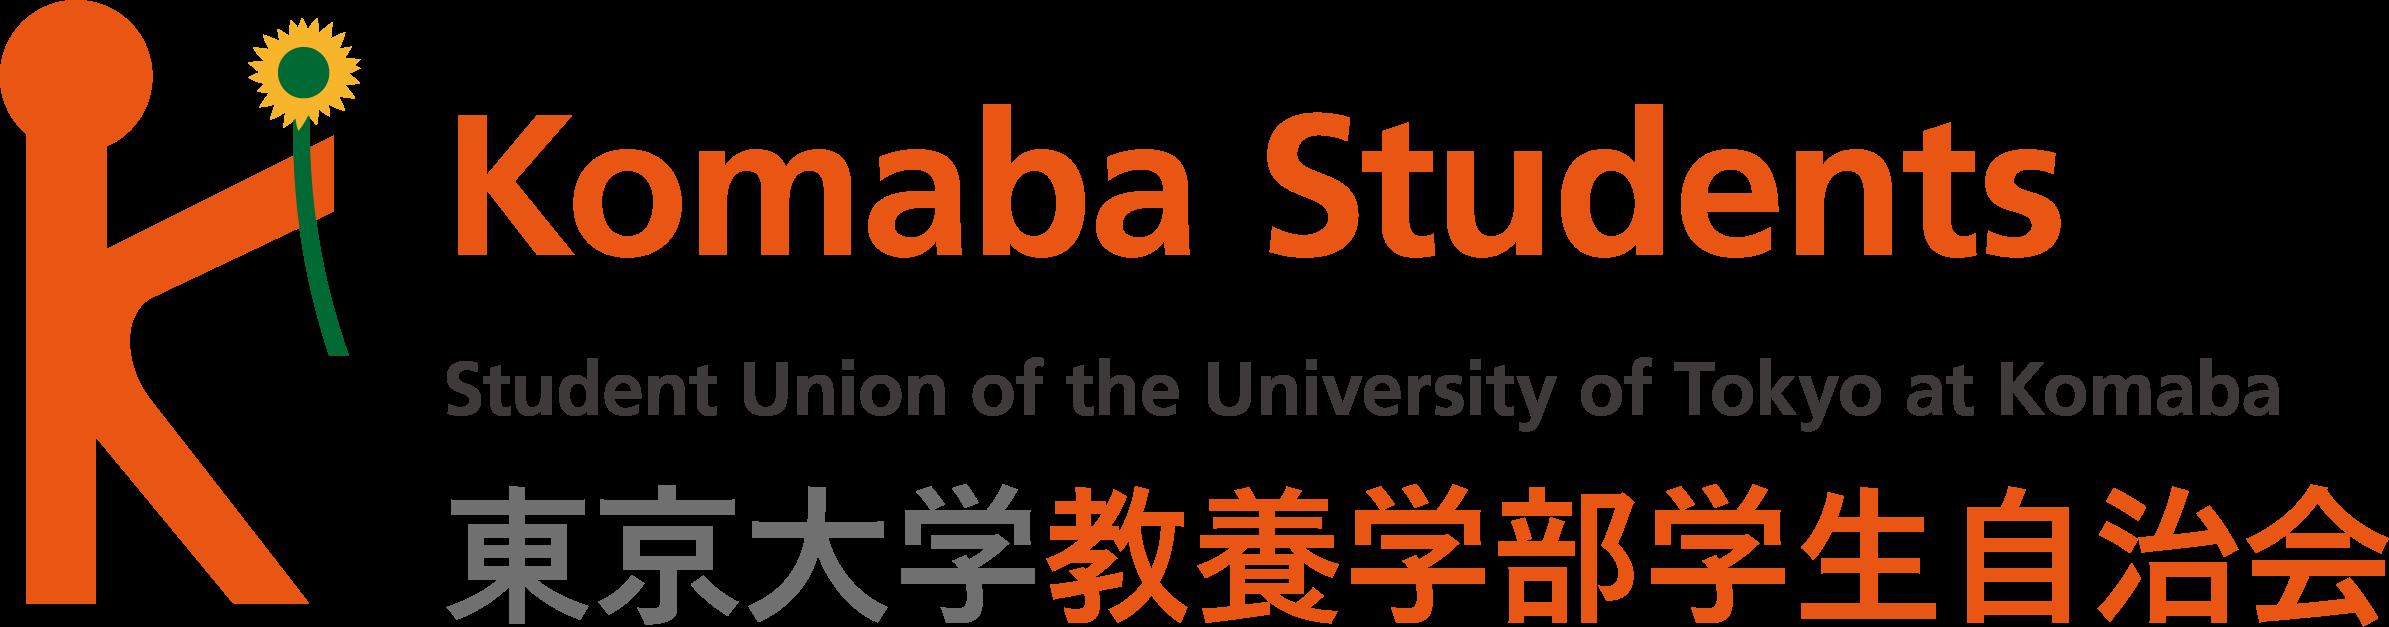 東京大学教養学部学生自治会